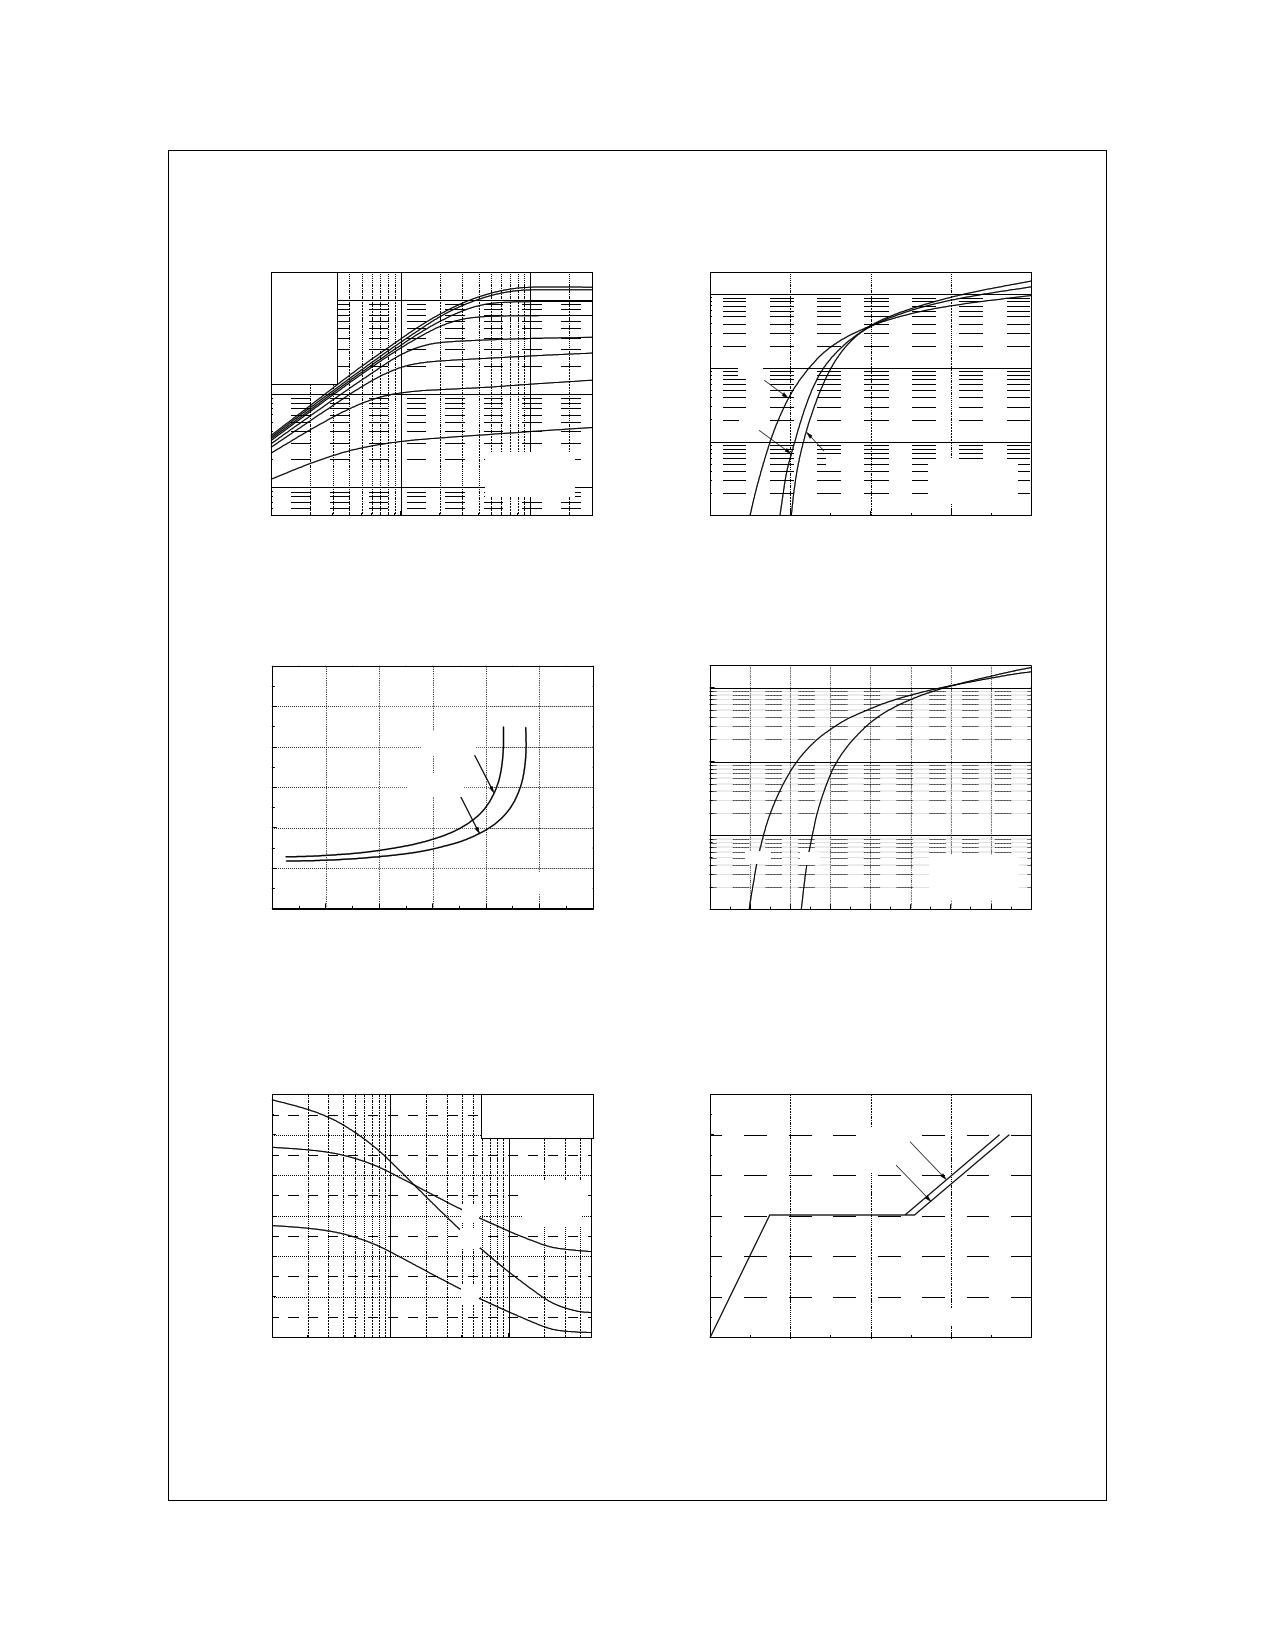 FQA44N08 pdf, ピン配列